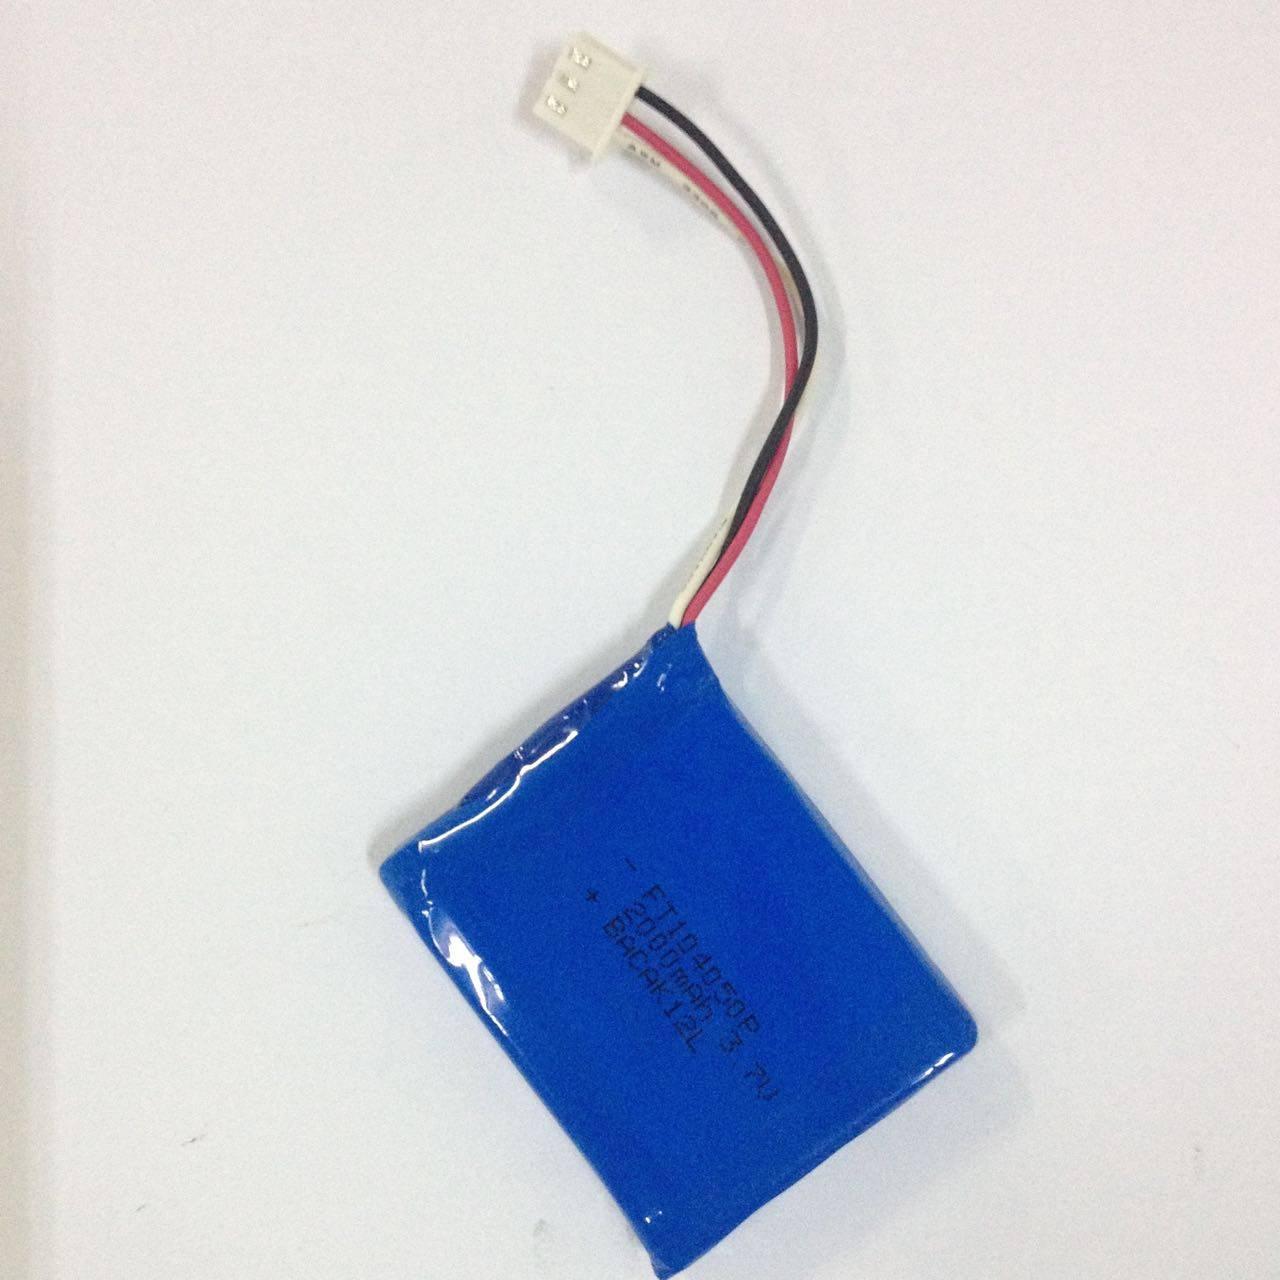 3.7V FT104050 2000mAh Li-Polymer Battery